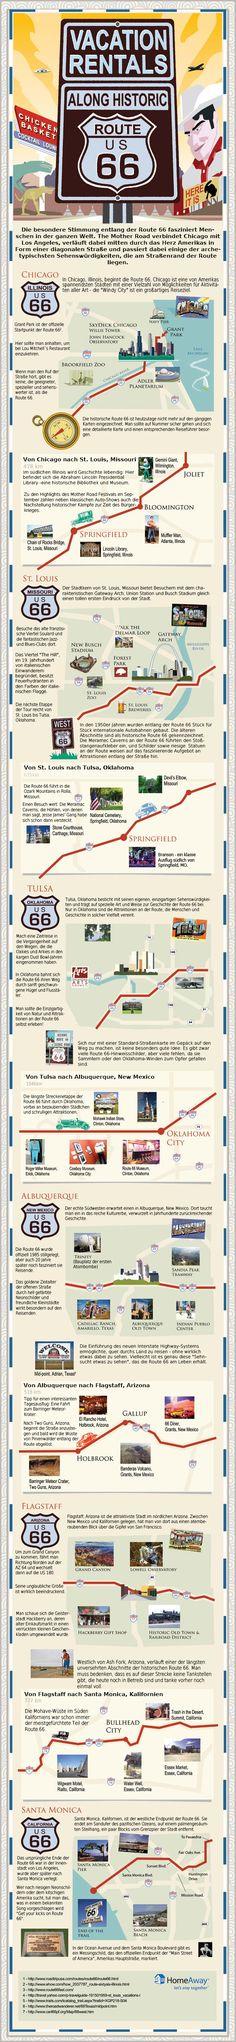 Entdecken Sie die Freiheit auf der Route 66!